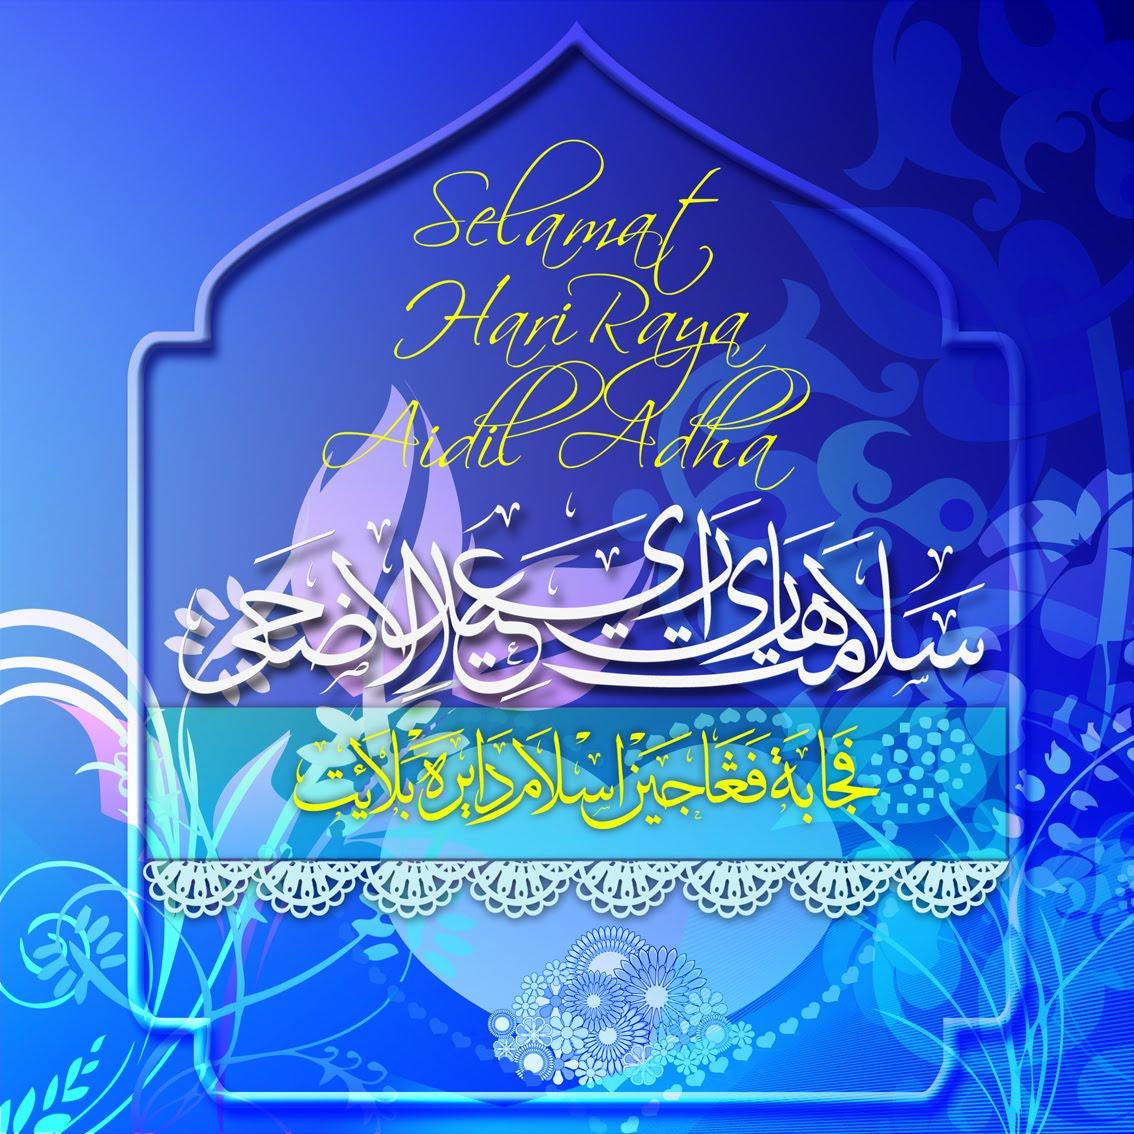 Seninet: Selamat Hari Raya Aidil Adha 1431 Hijrah